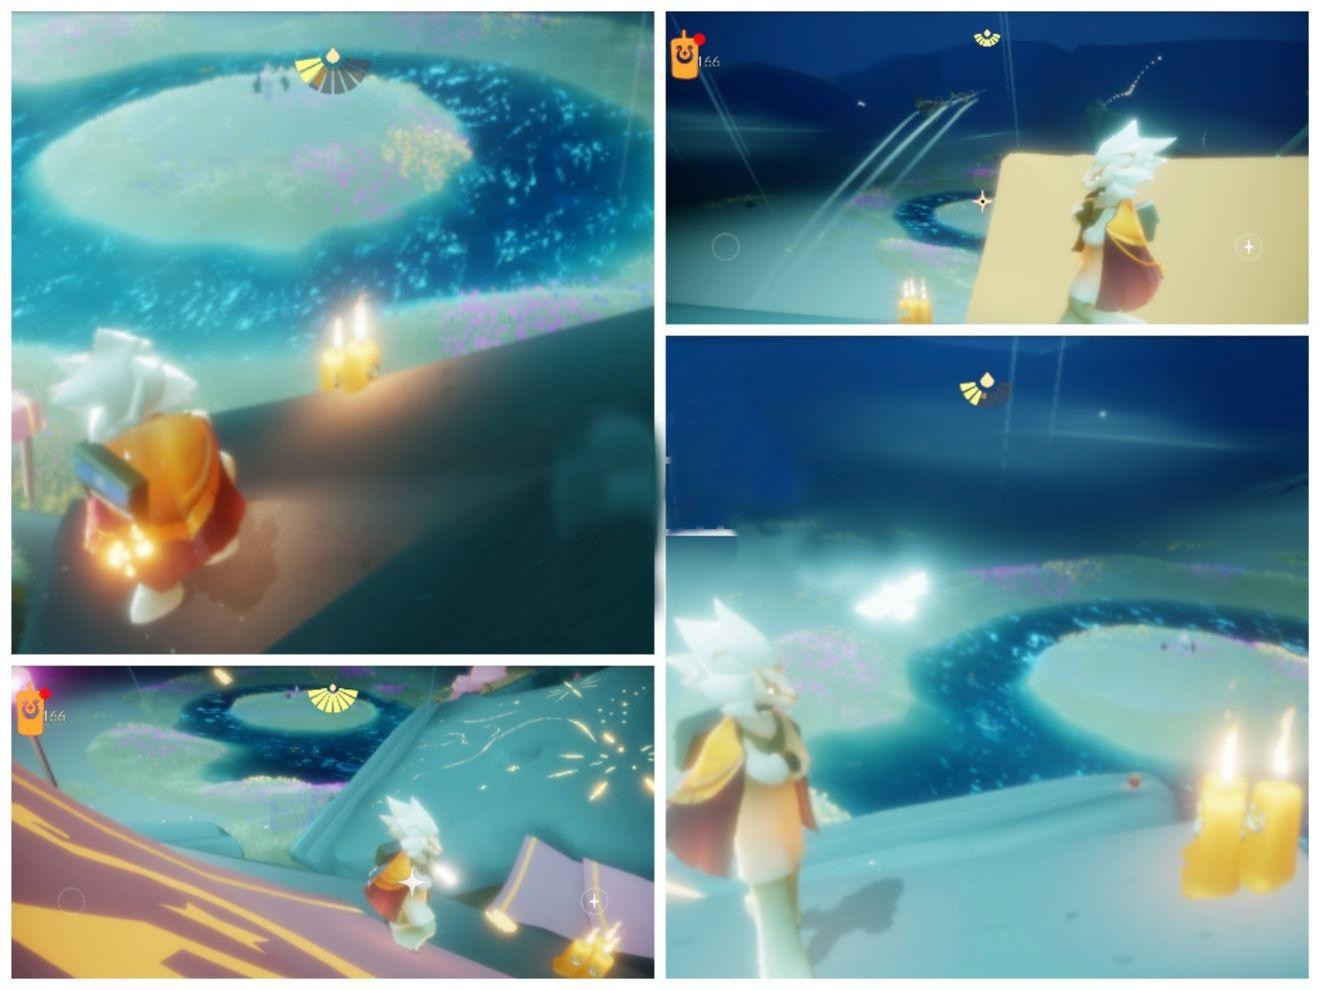 sky光遇8月4日大蜡烛魔法季蜡烛在哪?8月4日每日任务完成攻略[多图]图片5